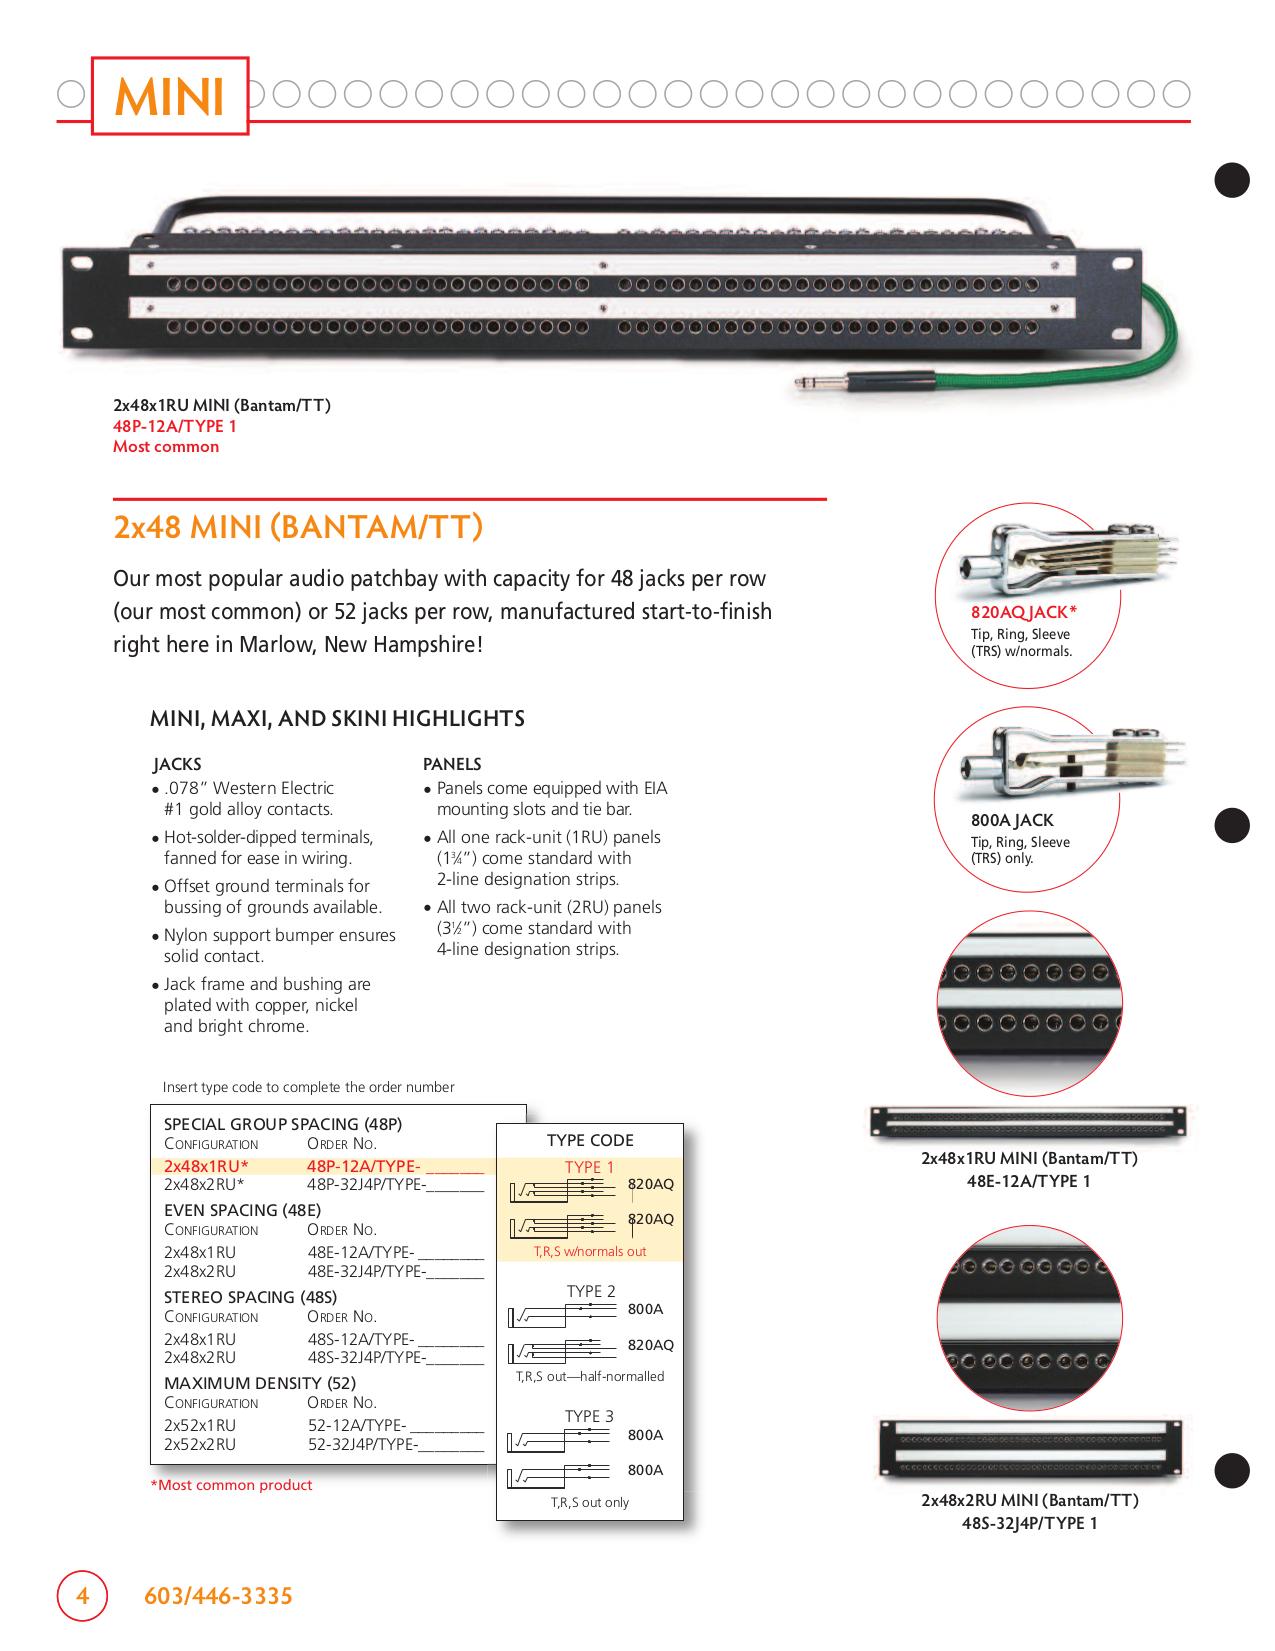 pdf for OEM Speaker SC-622 K manual